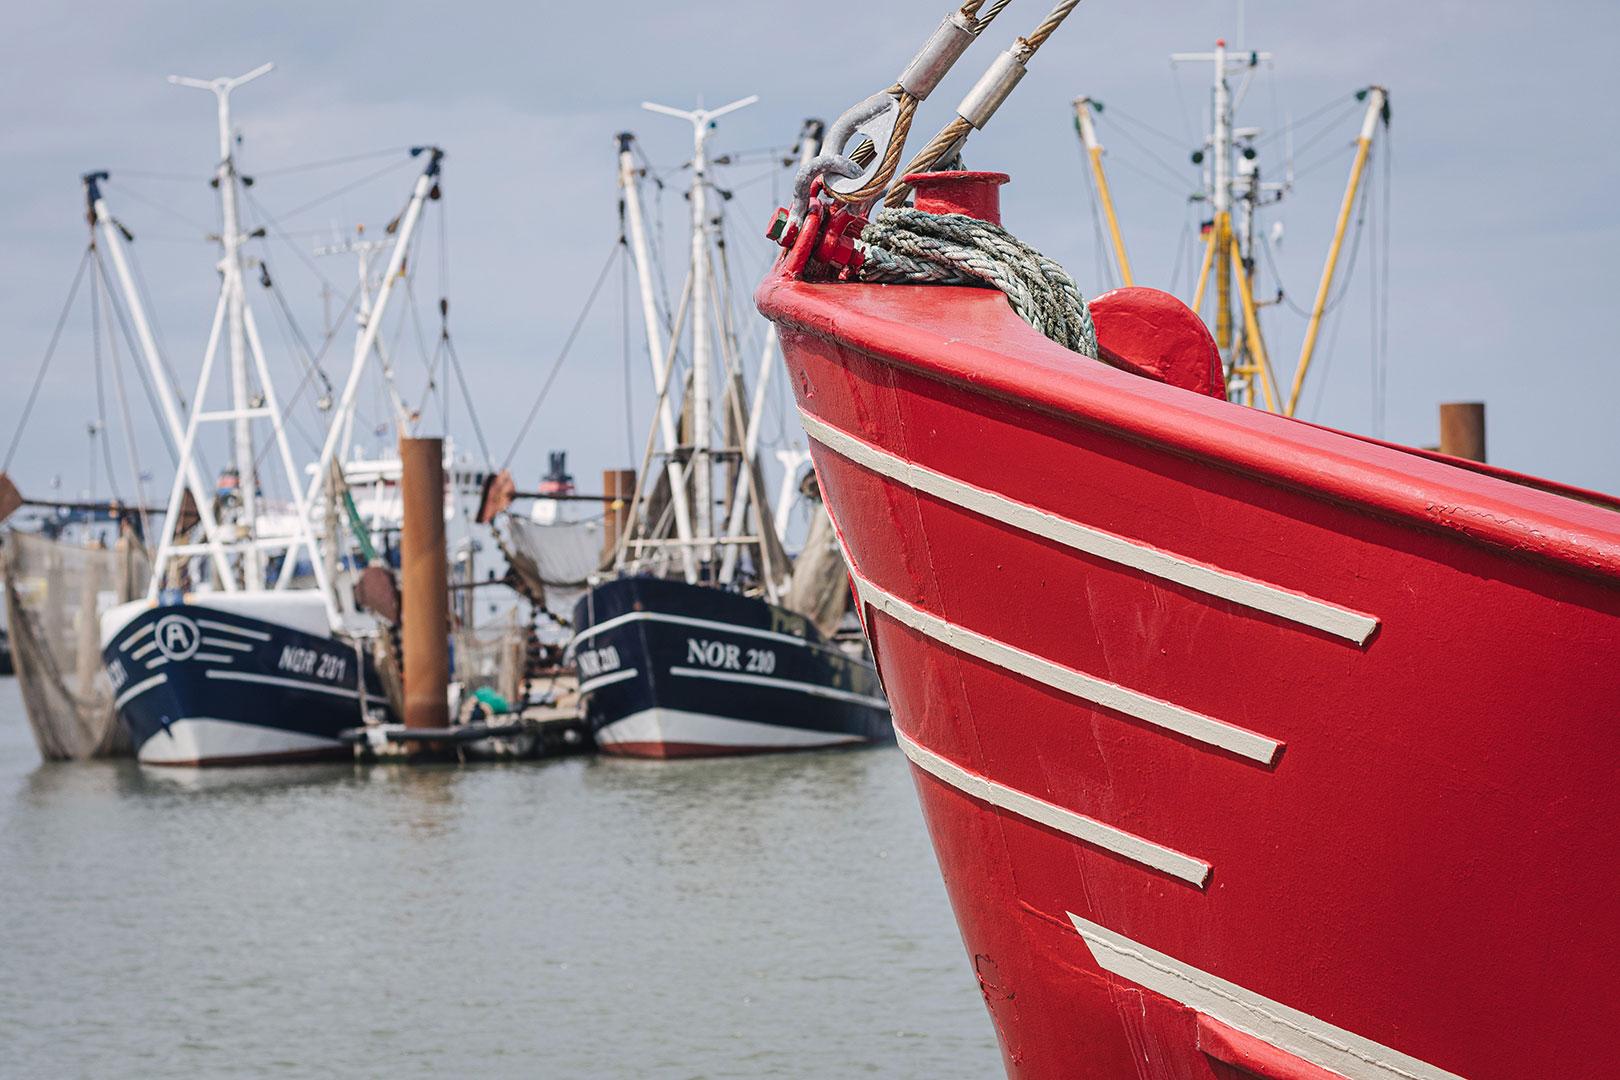 Schiff in Norddeich